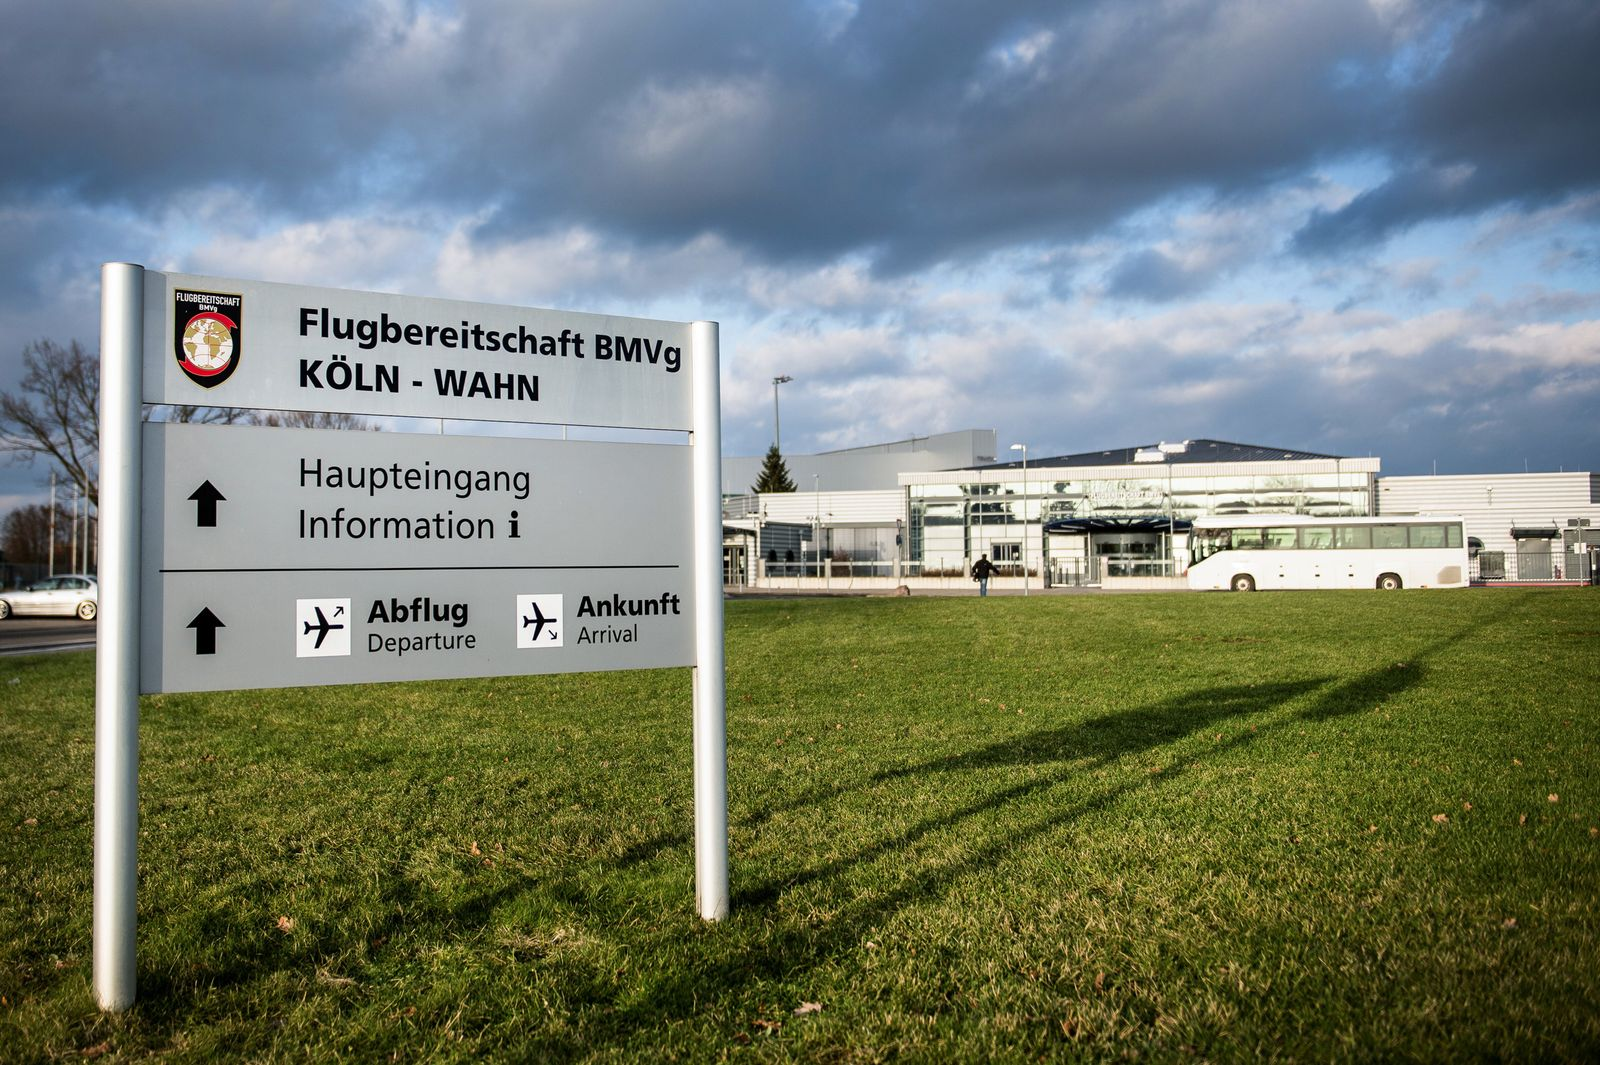 Militärflughafen Köln-Wahn